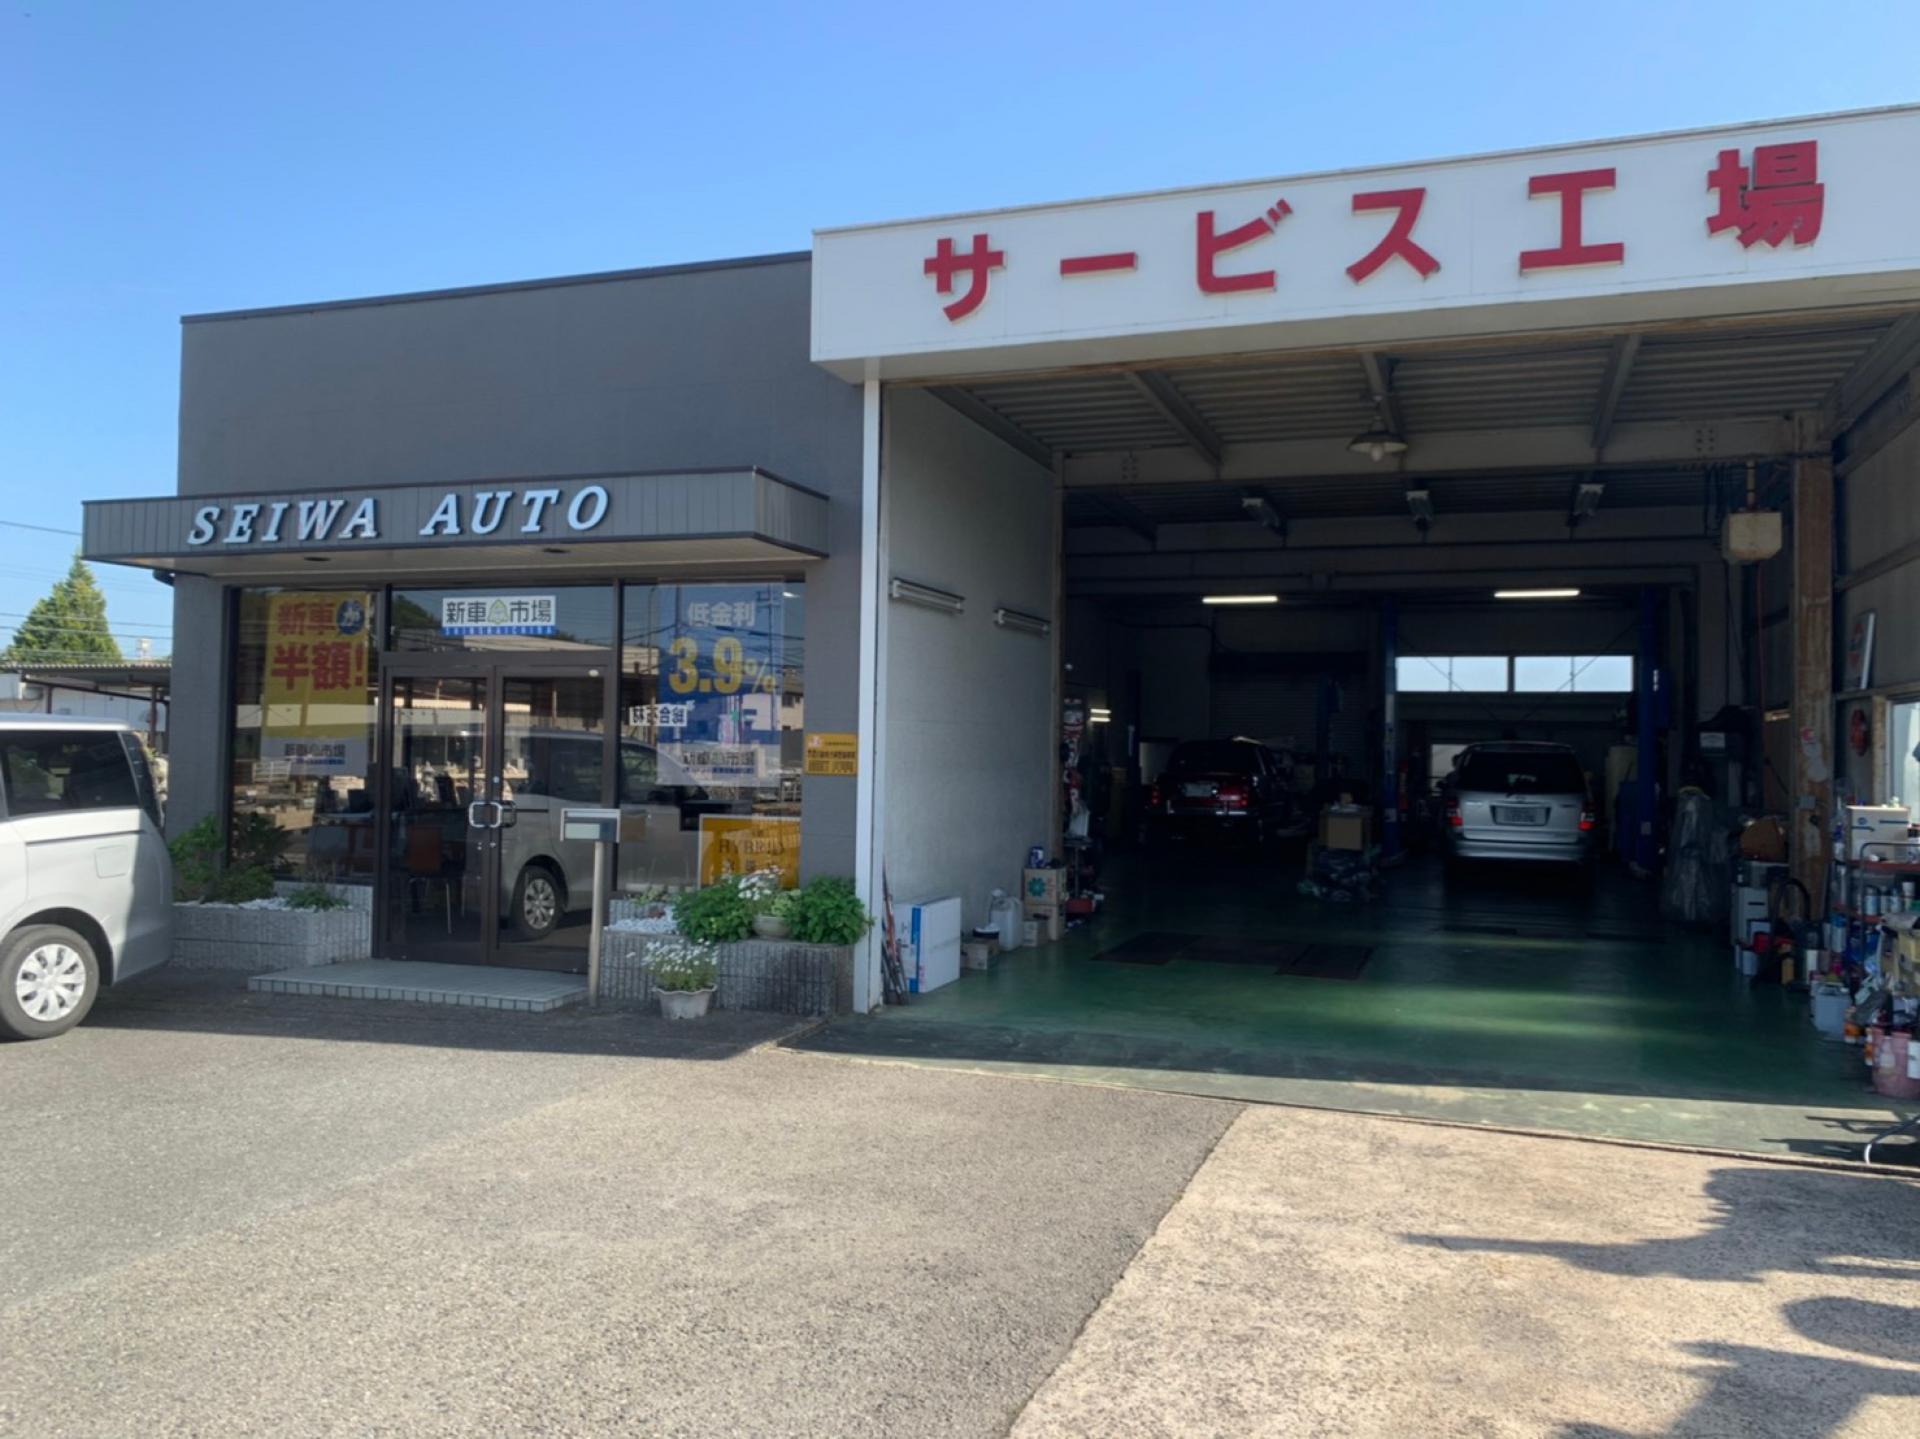 西和オート 新車市場 奈良香芝店